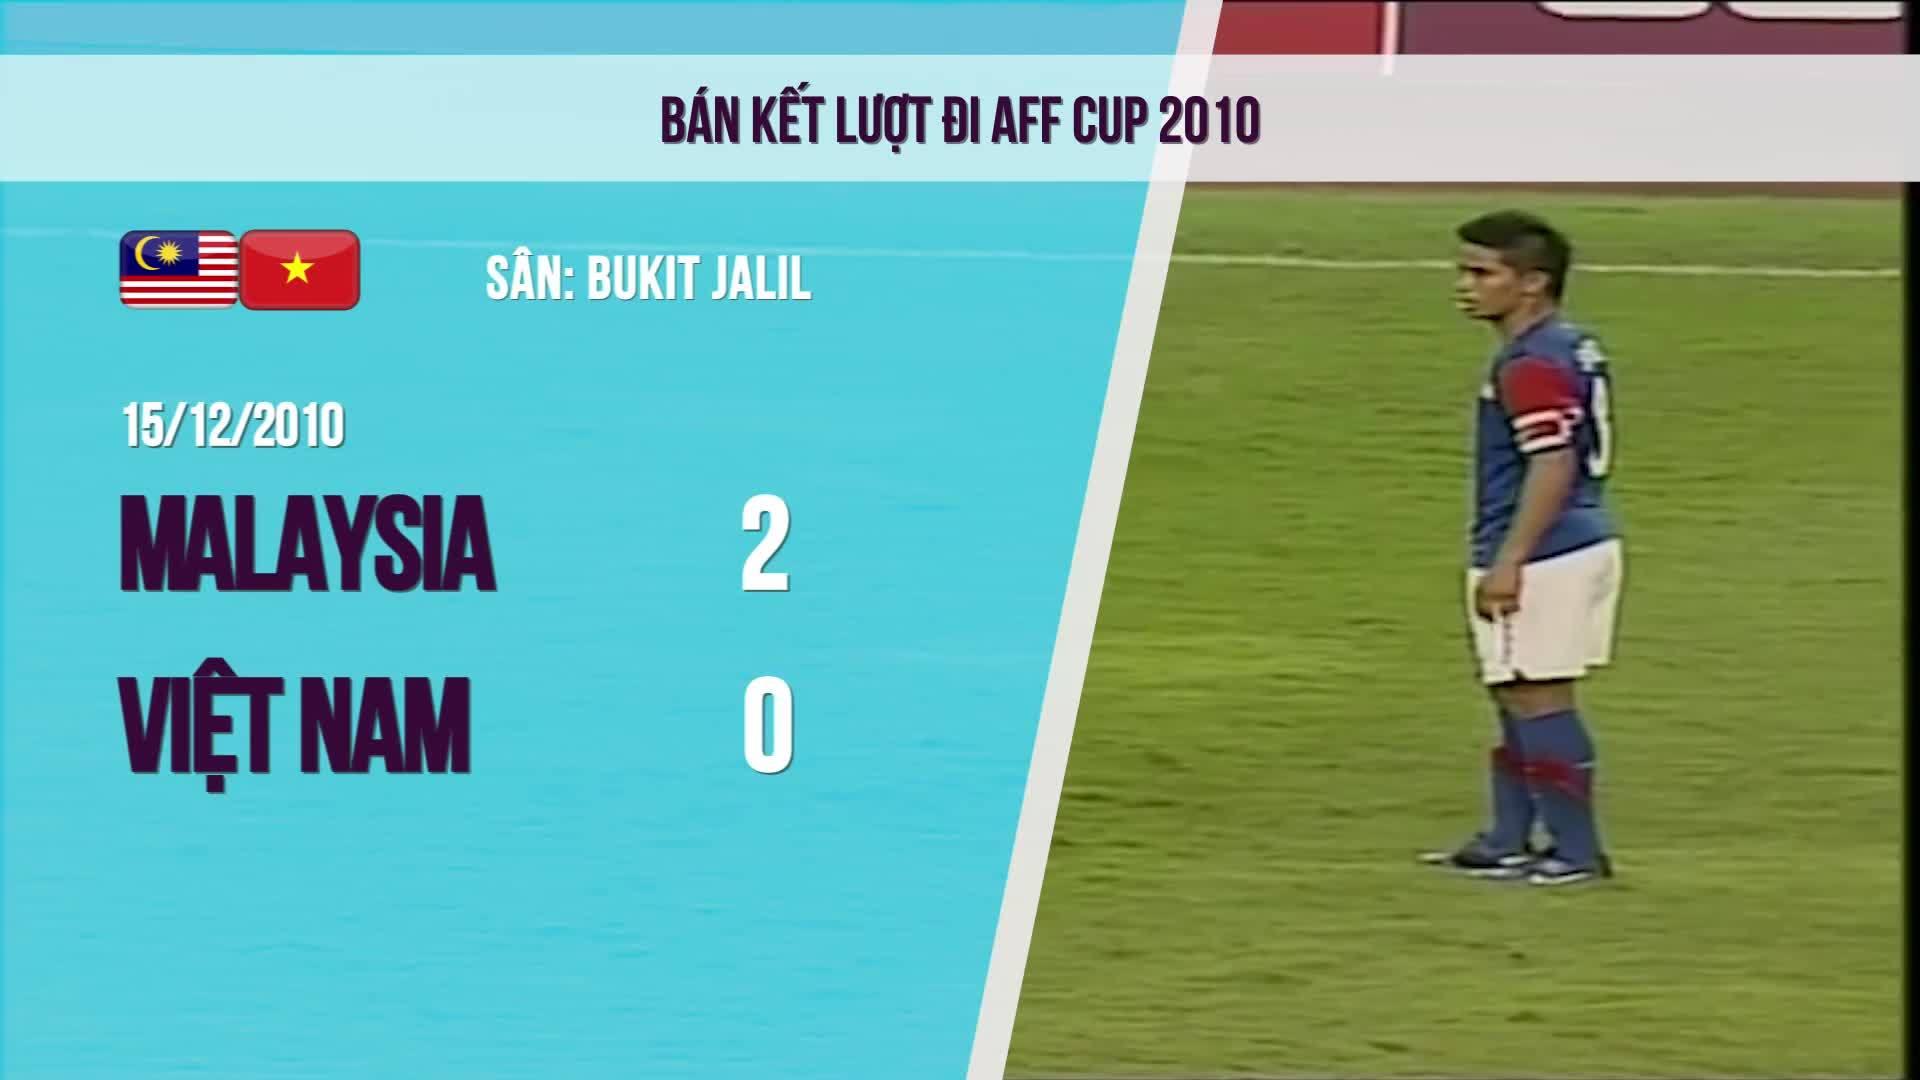 5 lần đối đầu gần nhất giữa Việt Nam và Malaysia tại AFF Cup